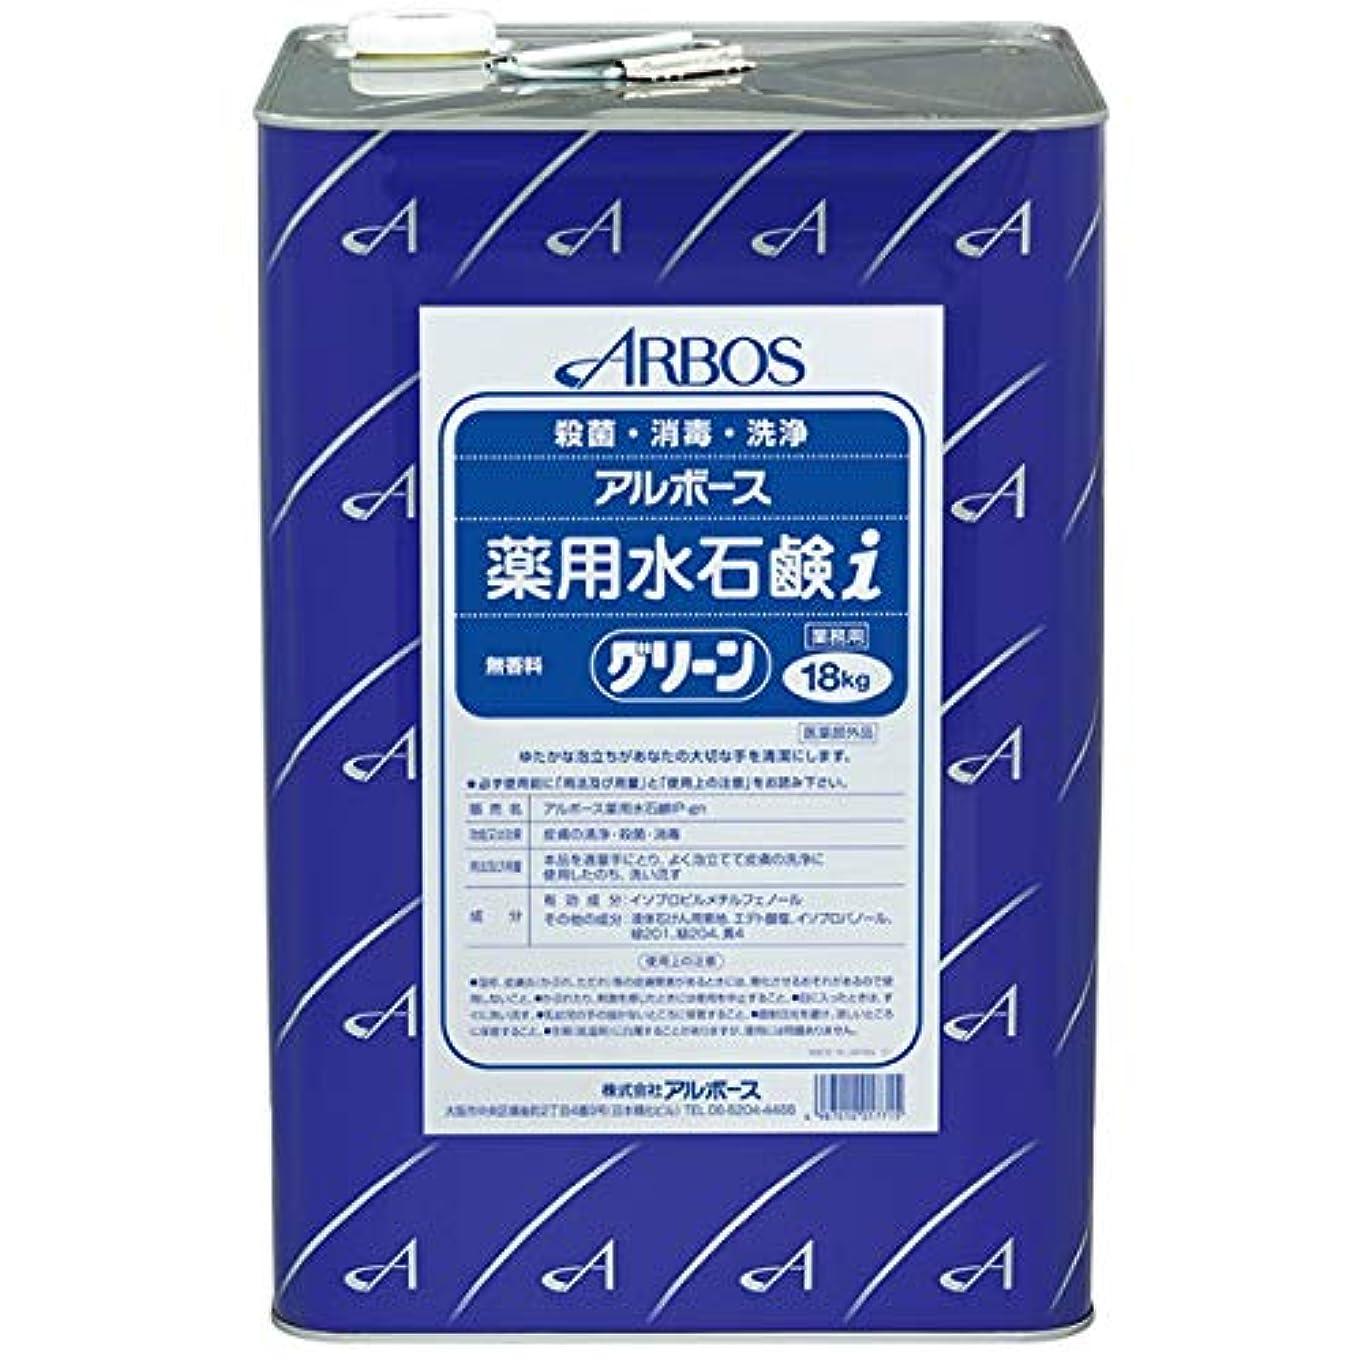 として友情敬【清潔キレイ館】アルボース薬用水石鹸グリーンi(18L)